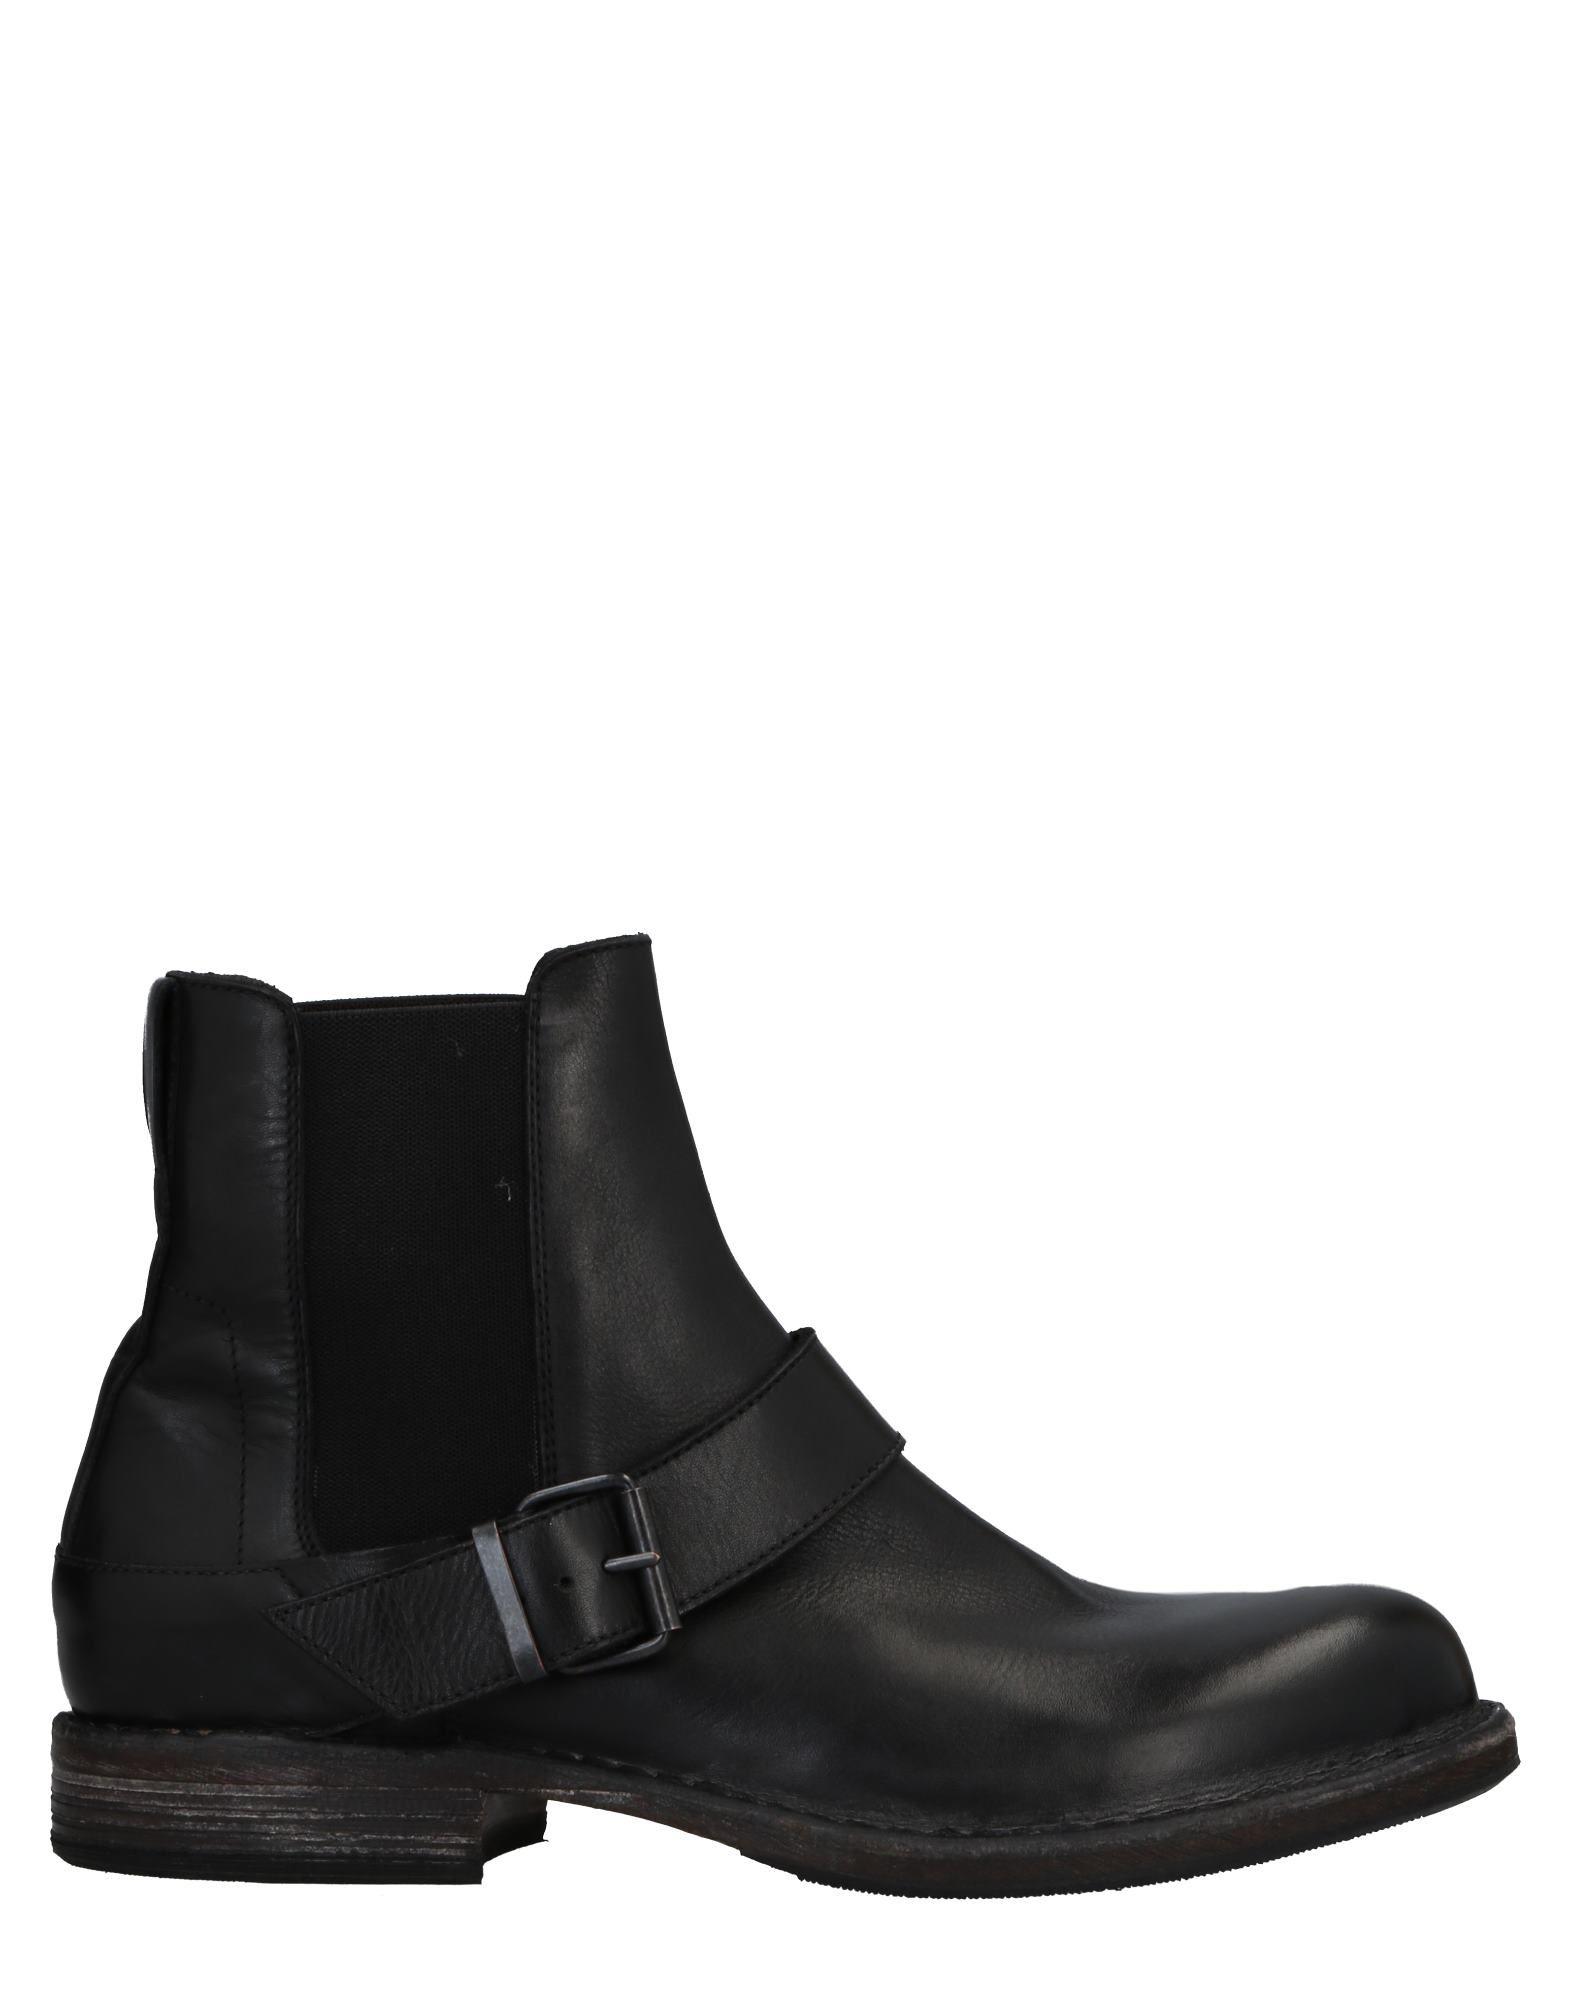 Moma Stiefelette Gute Herren  11516514LD Gute Stiefelette Qualität beliebte Schuhe 2b8bcb